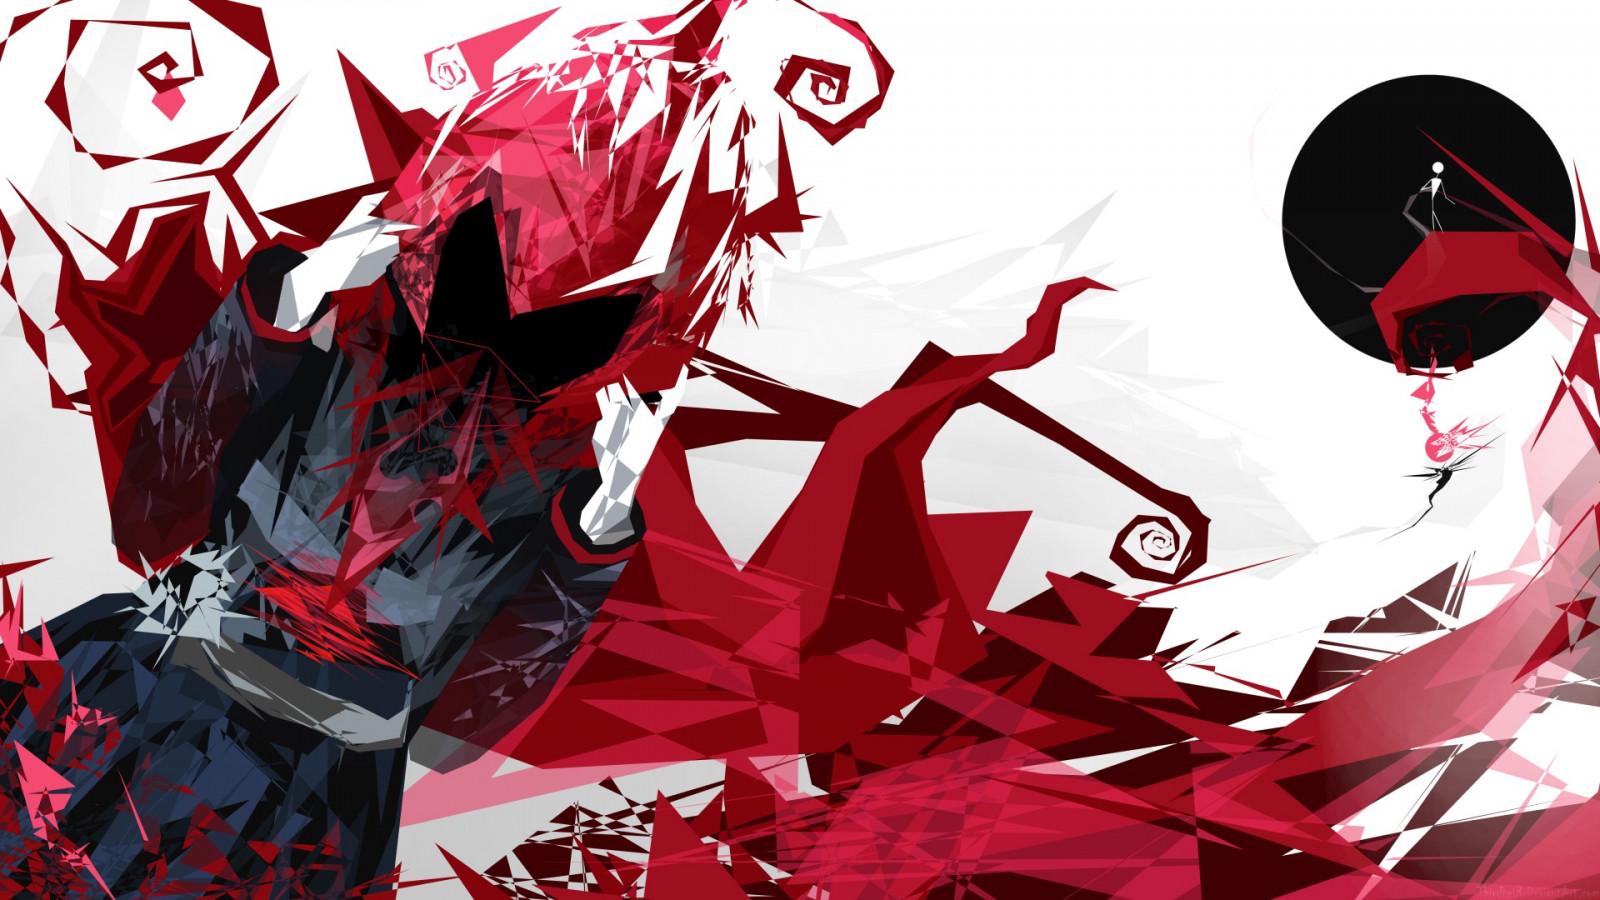 Wallpaper : illustration, anime, abstract, DeviantArt ...